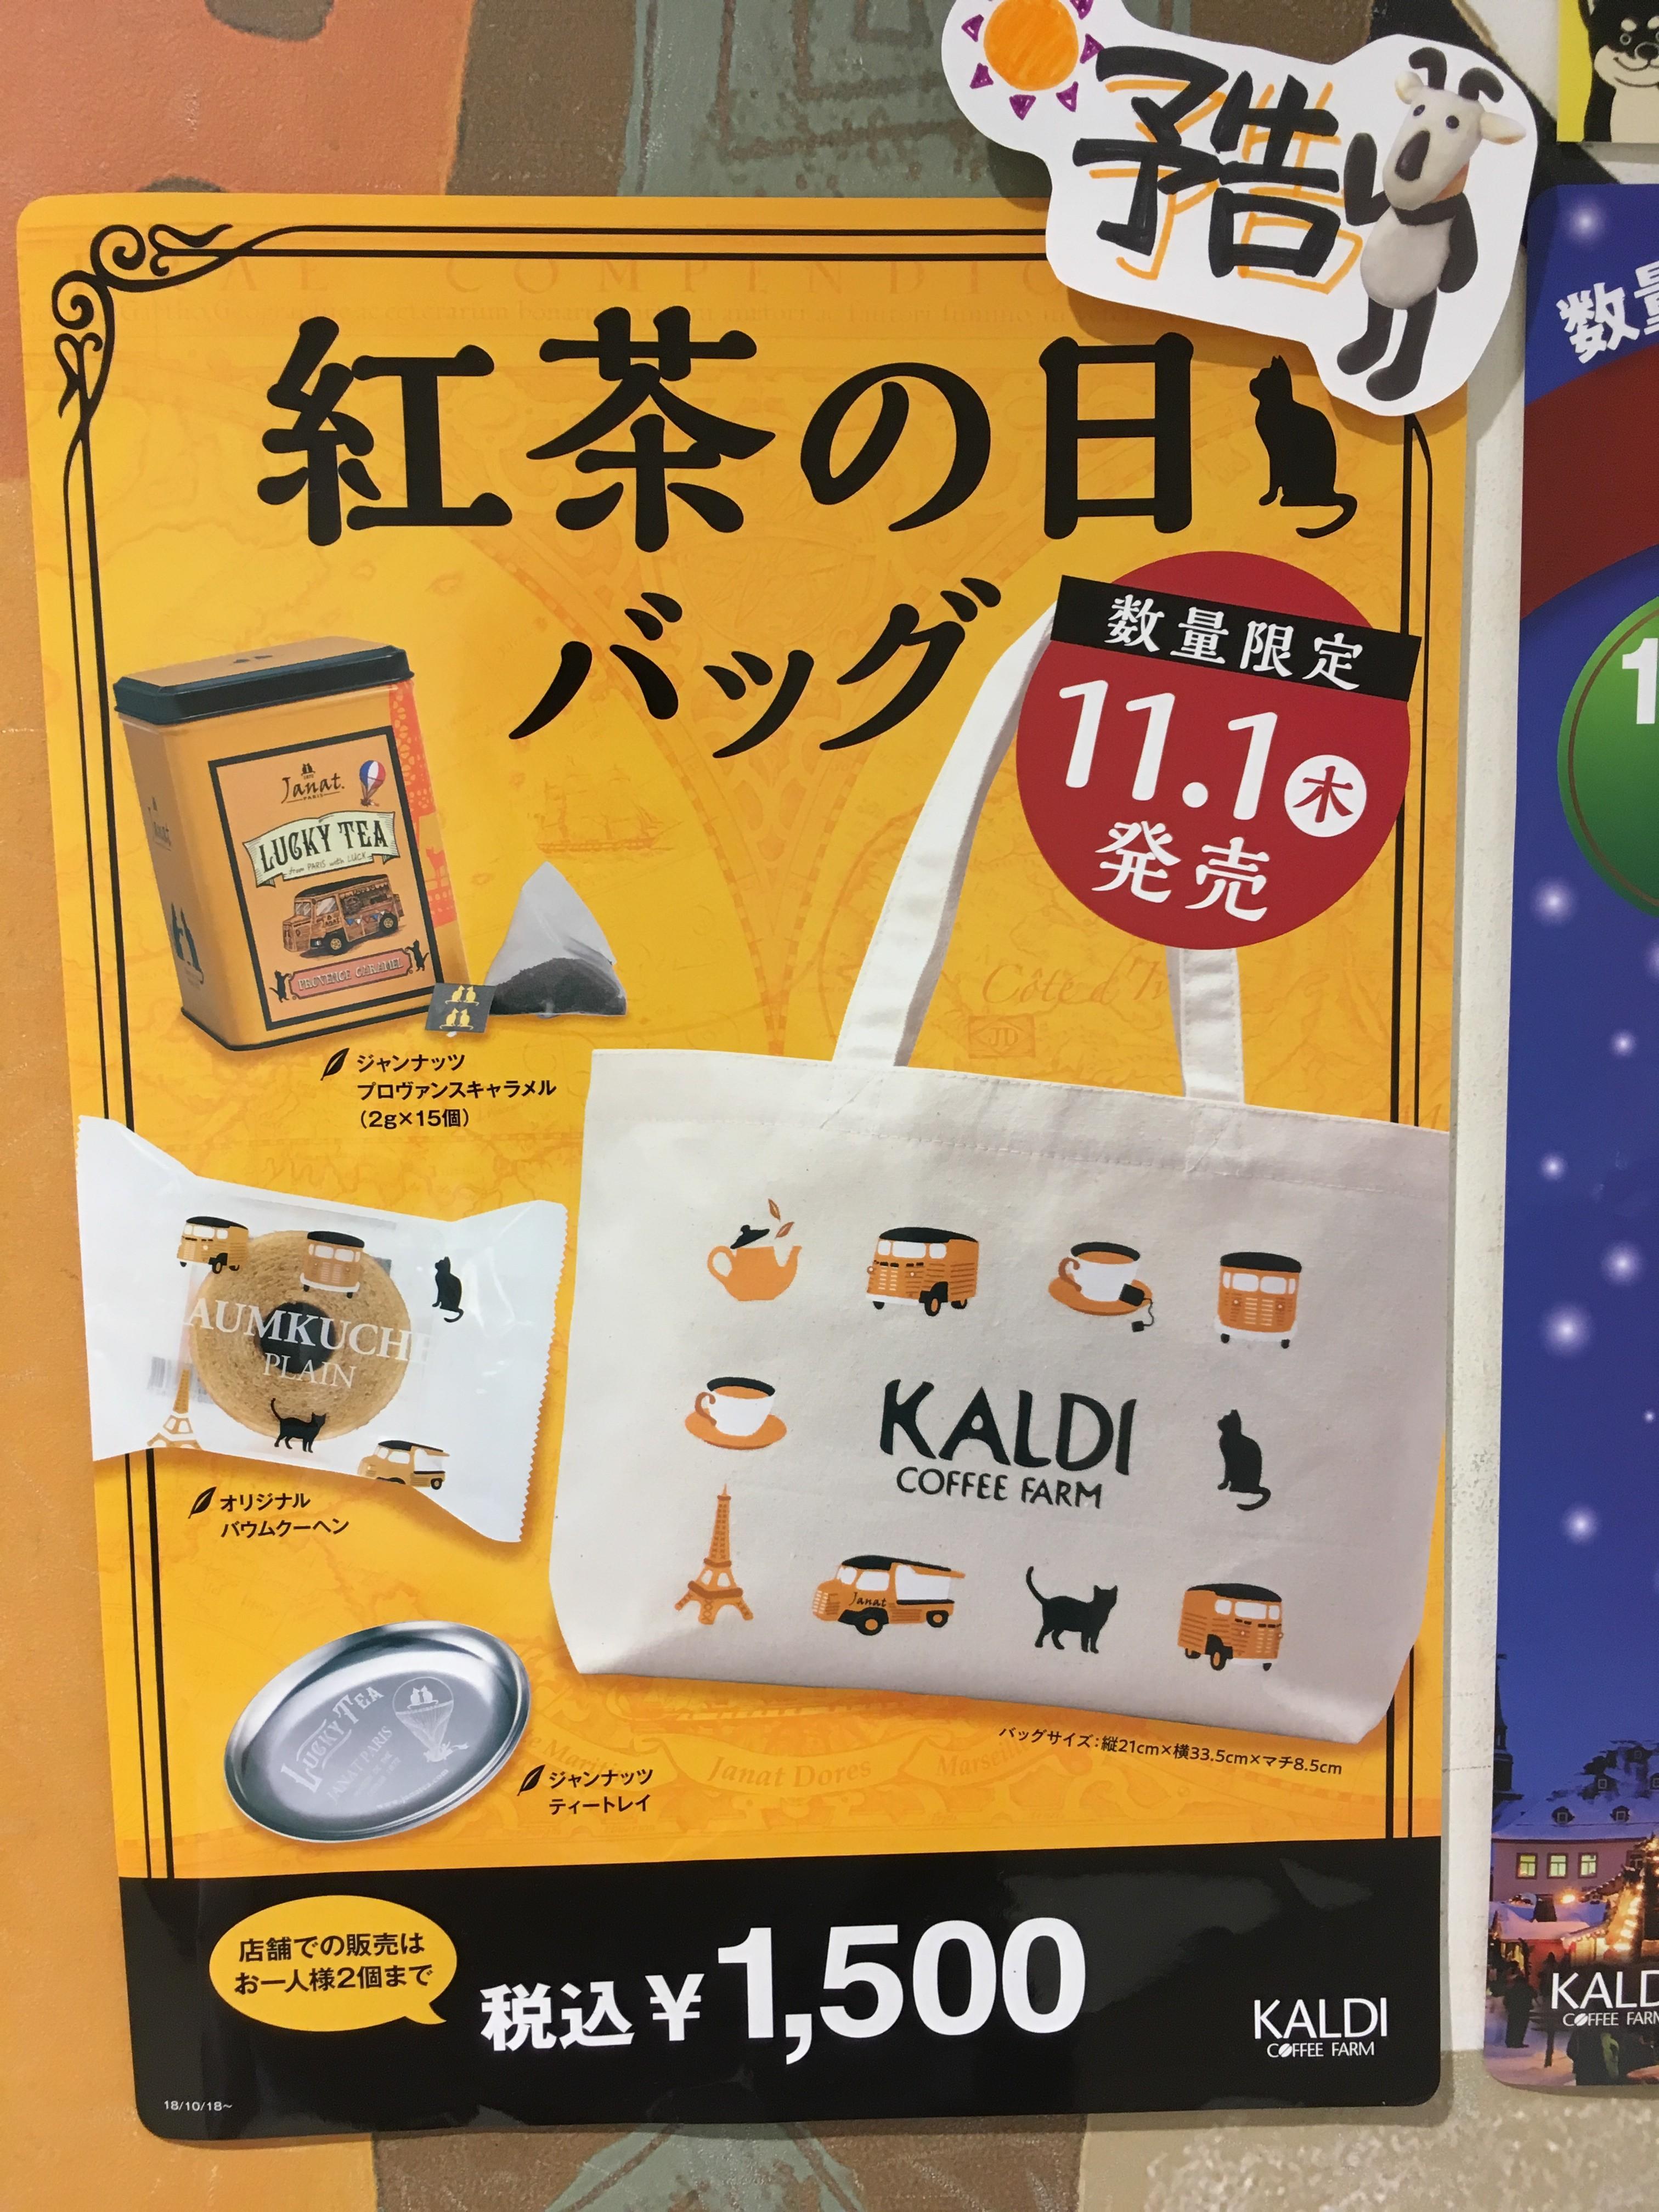 11月1日発売!【カルディの数量限定バッグ】今年は紅茶と犬の2種類◎